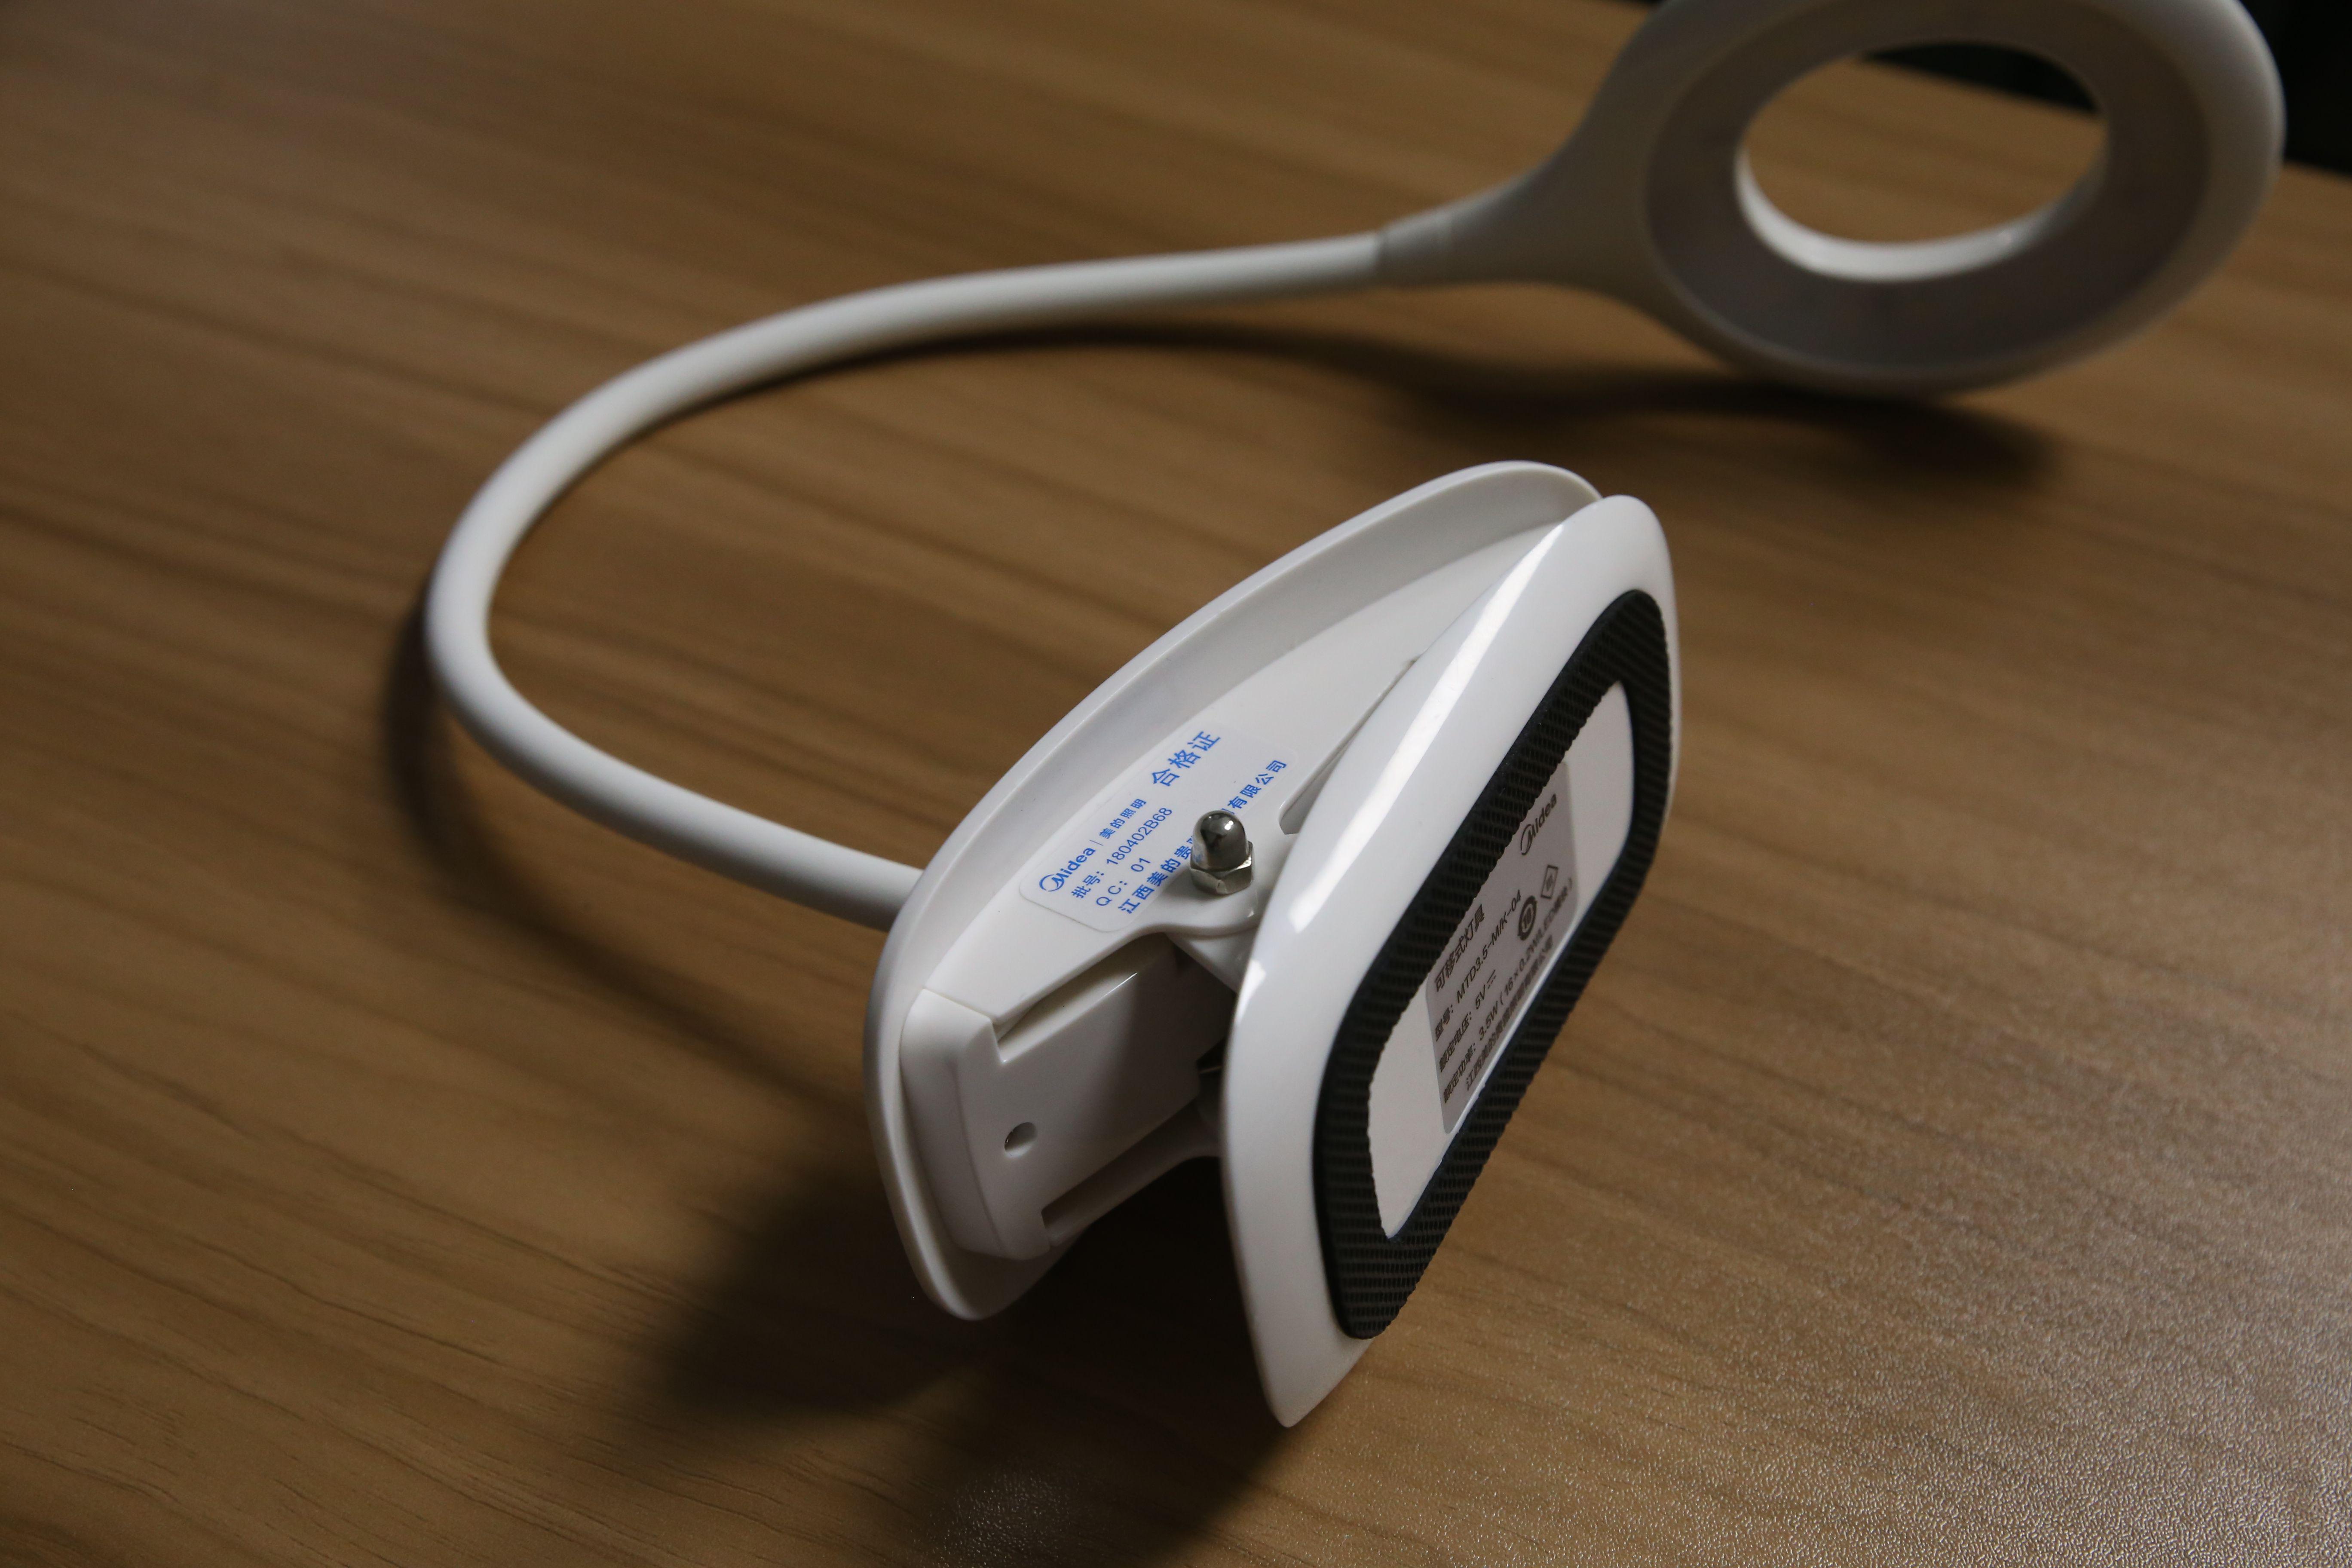 可夾可站、充插兩用、觸控三段亮度LED夾燈推薦 - Midea美的星環夾燈